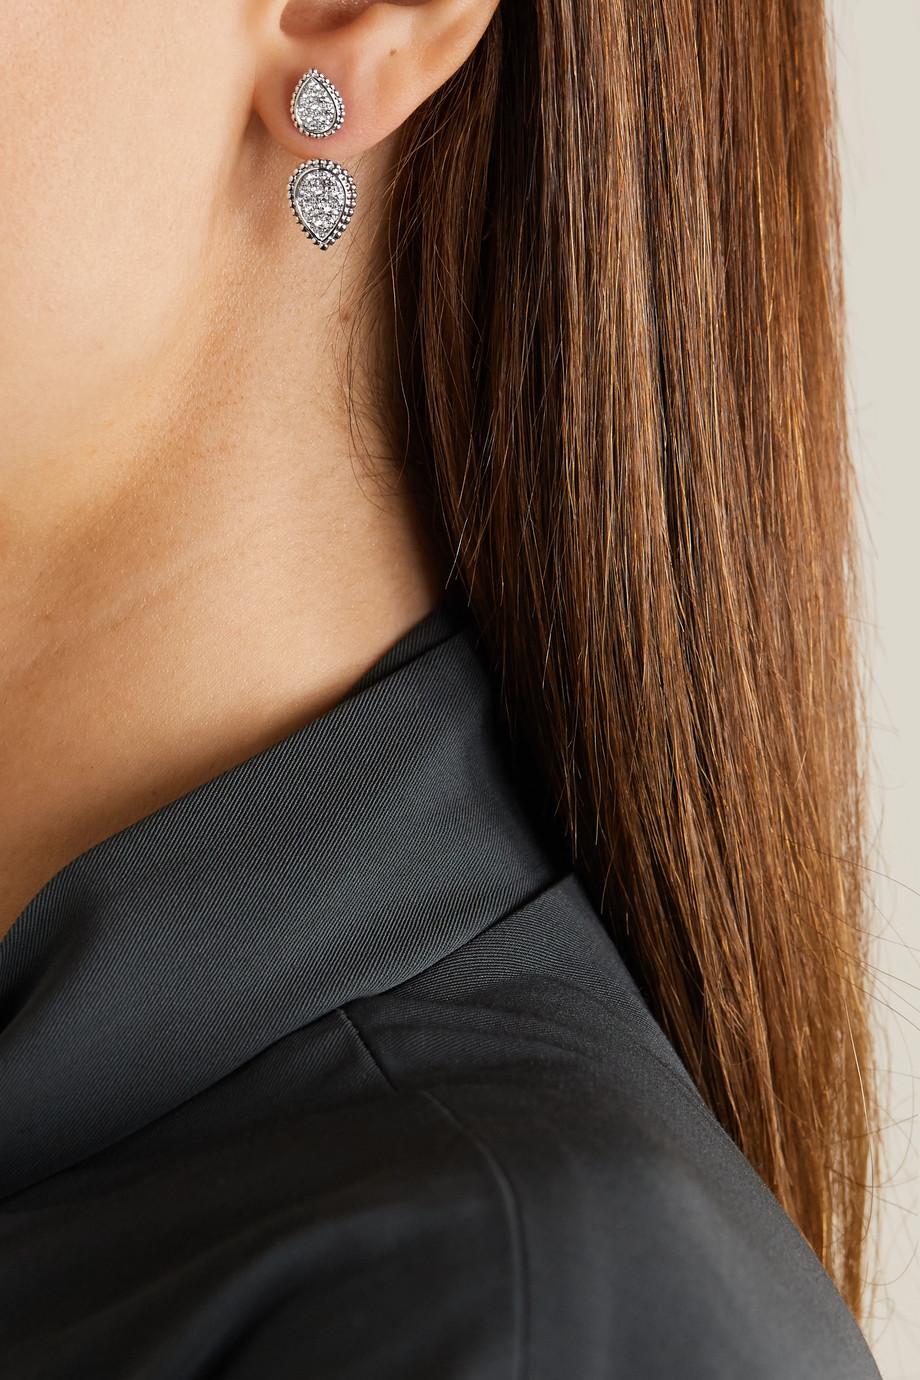 Boucheron Serpent Bohème Double 18-karat white gold diamond earring